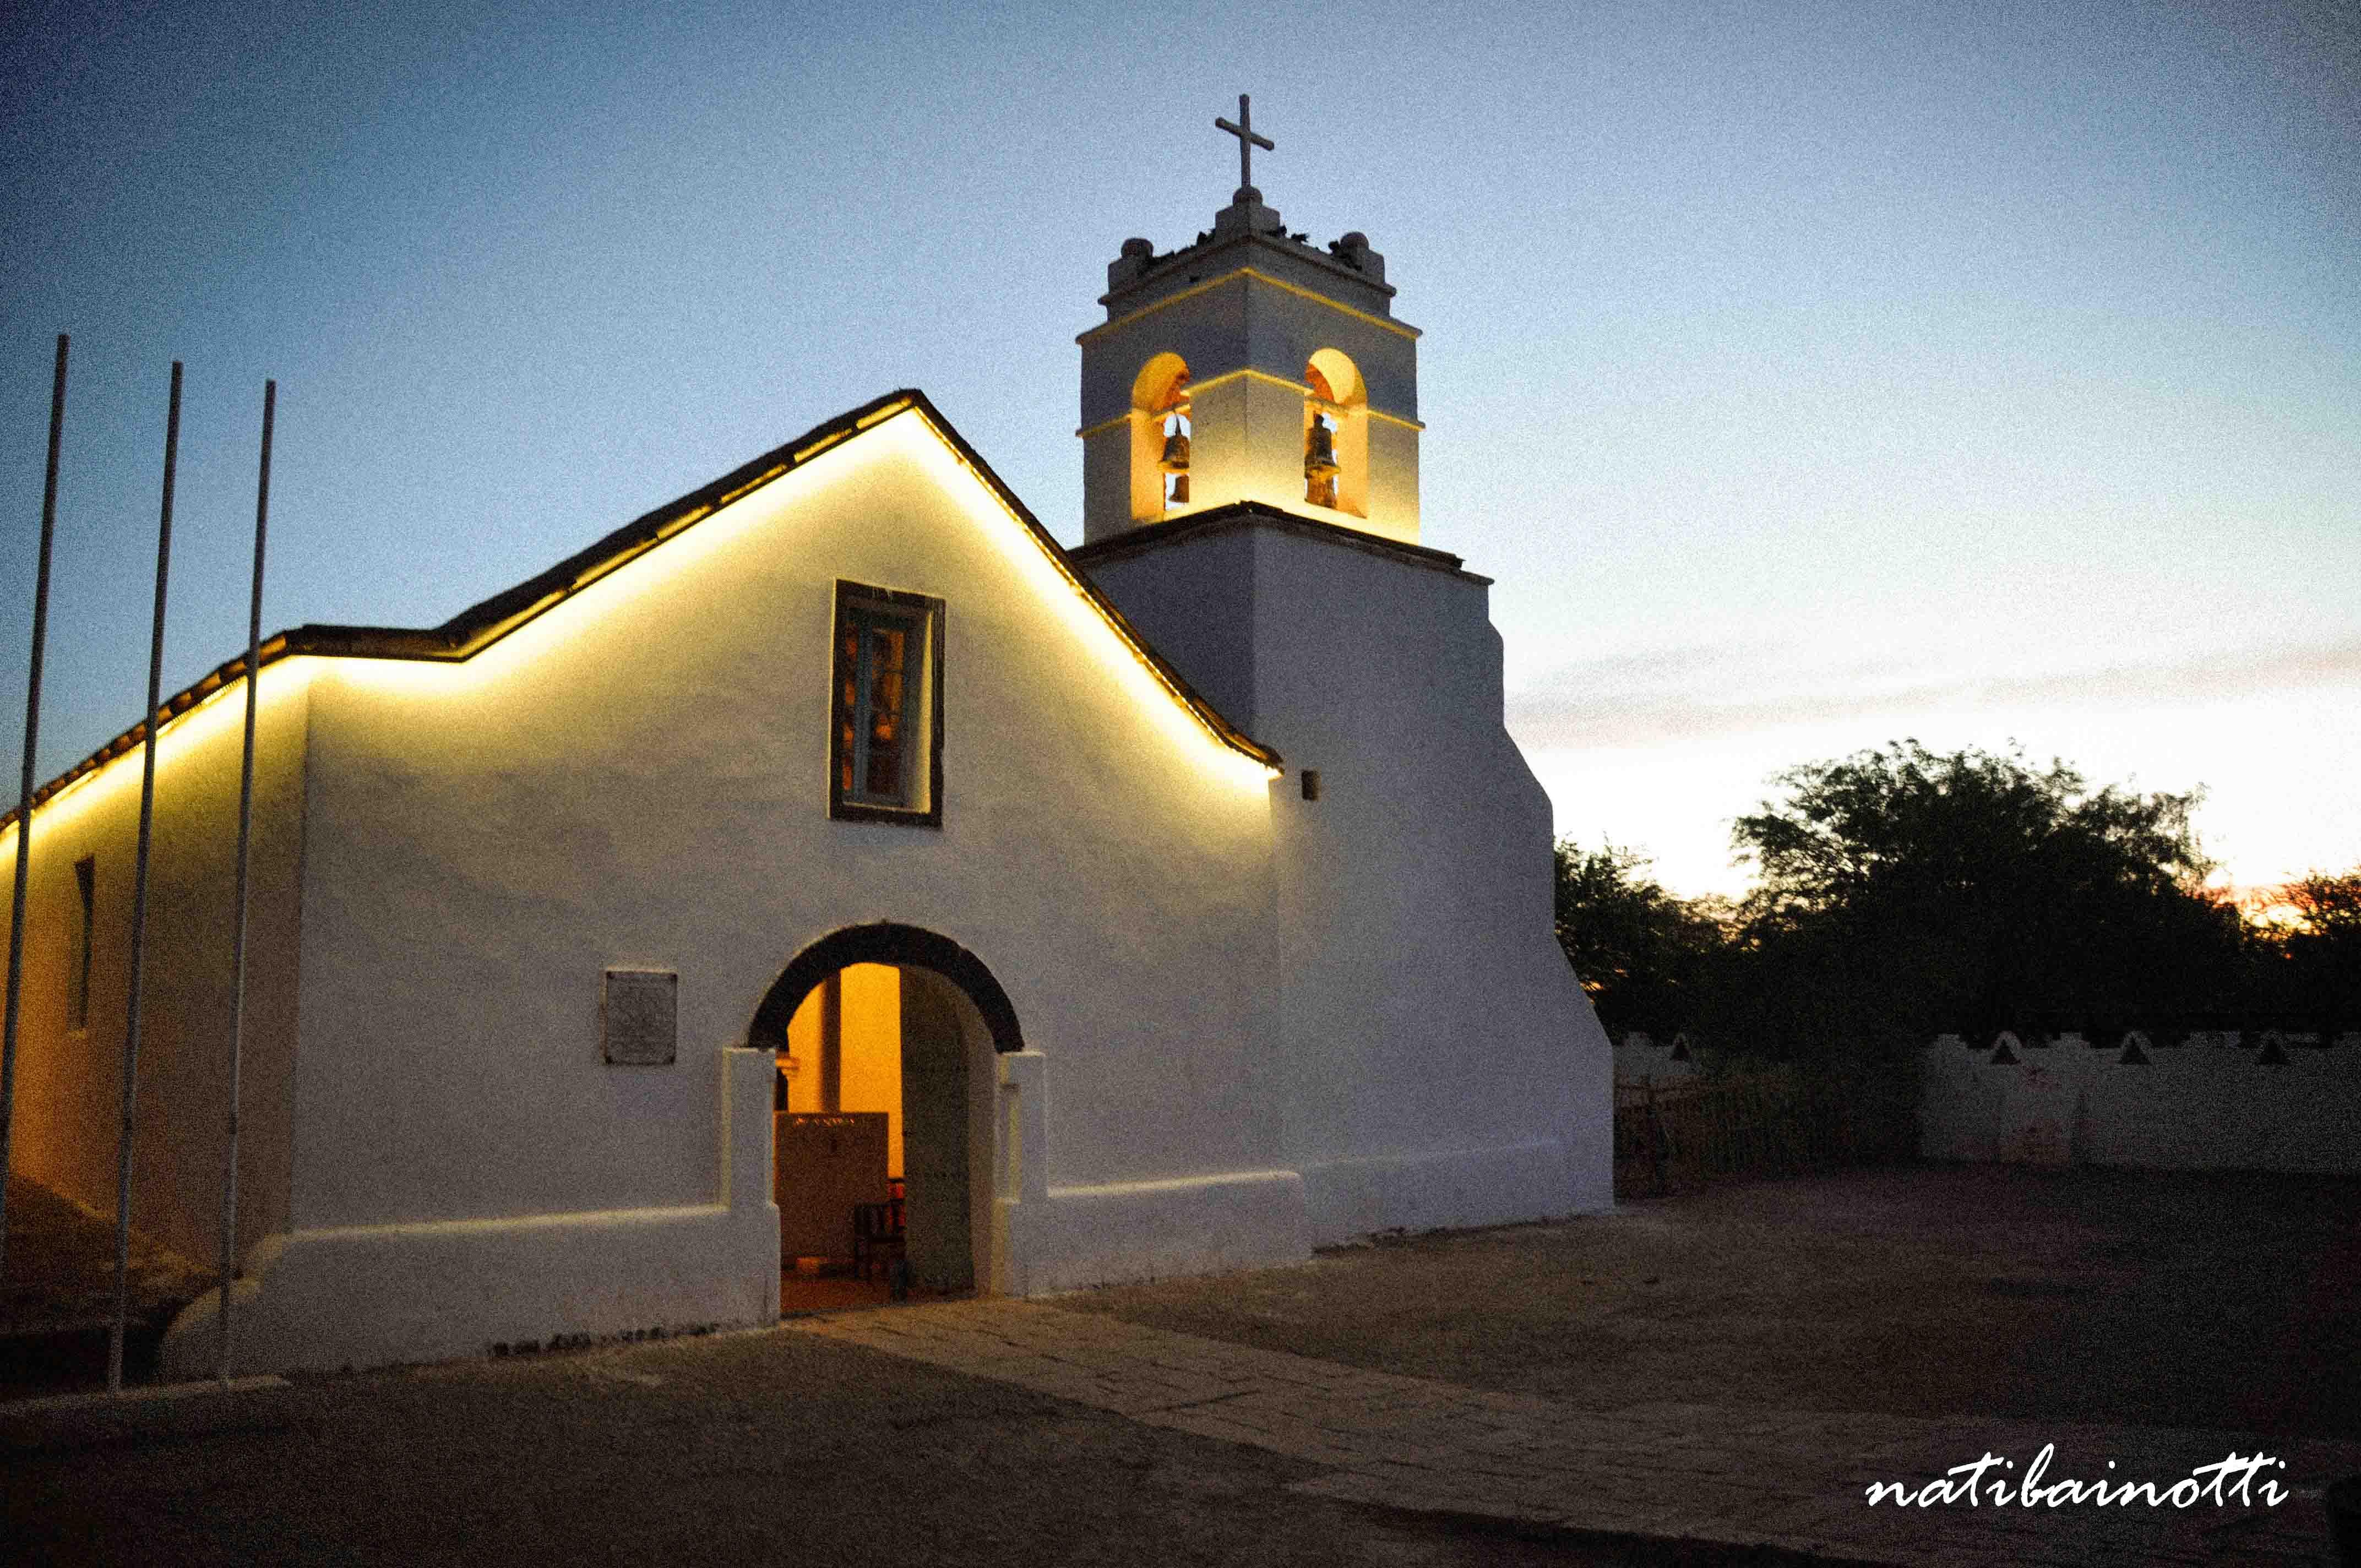 La Iglesia de noche.